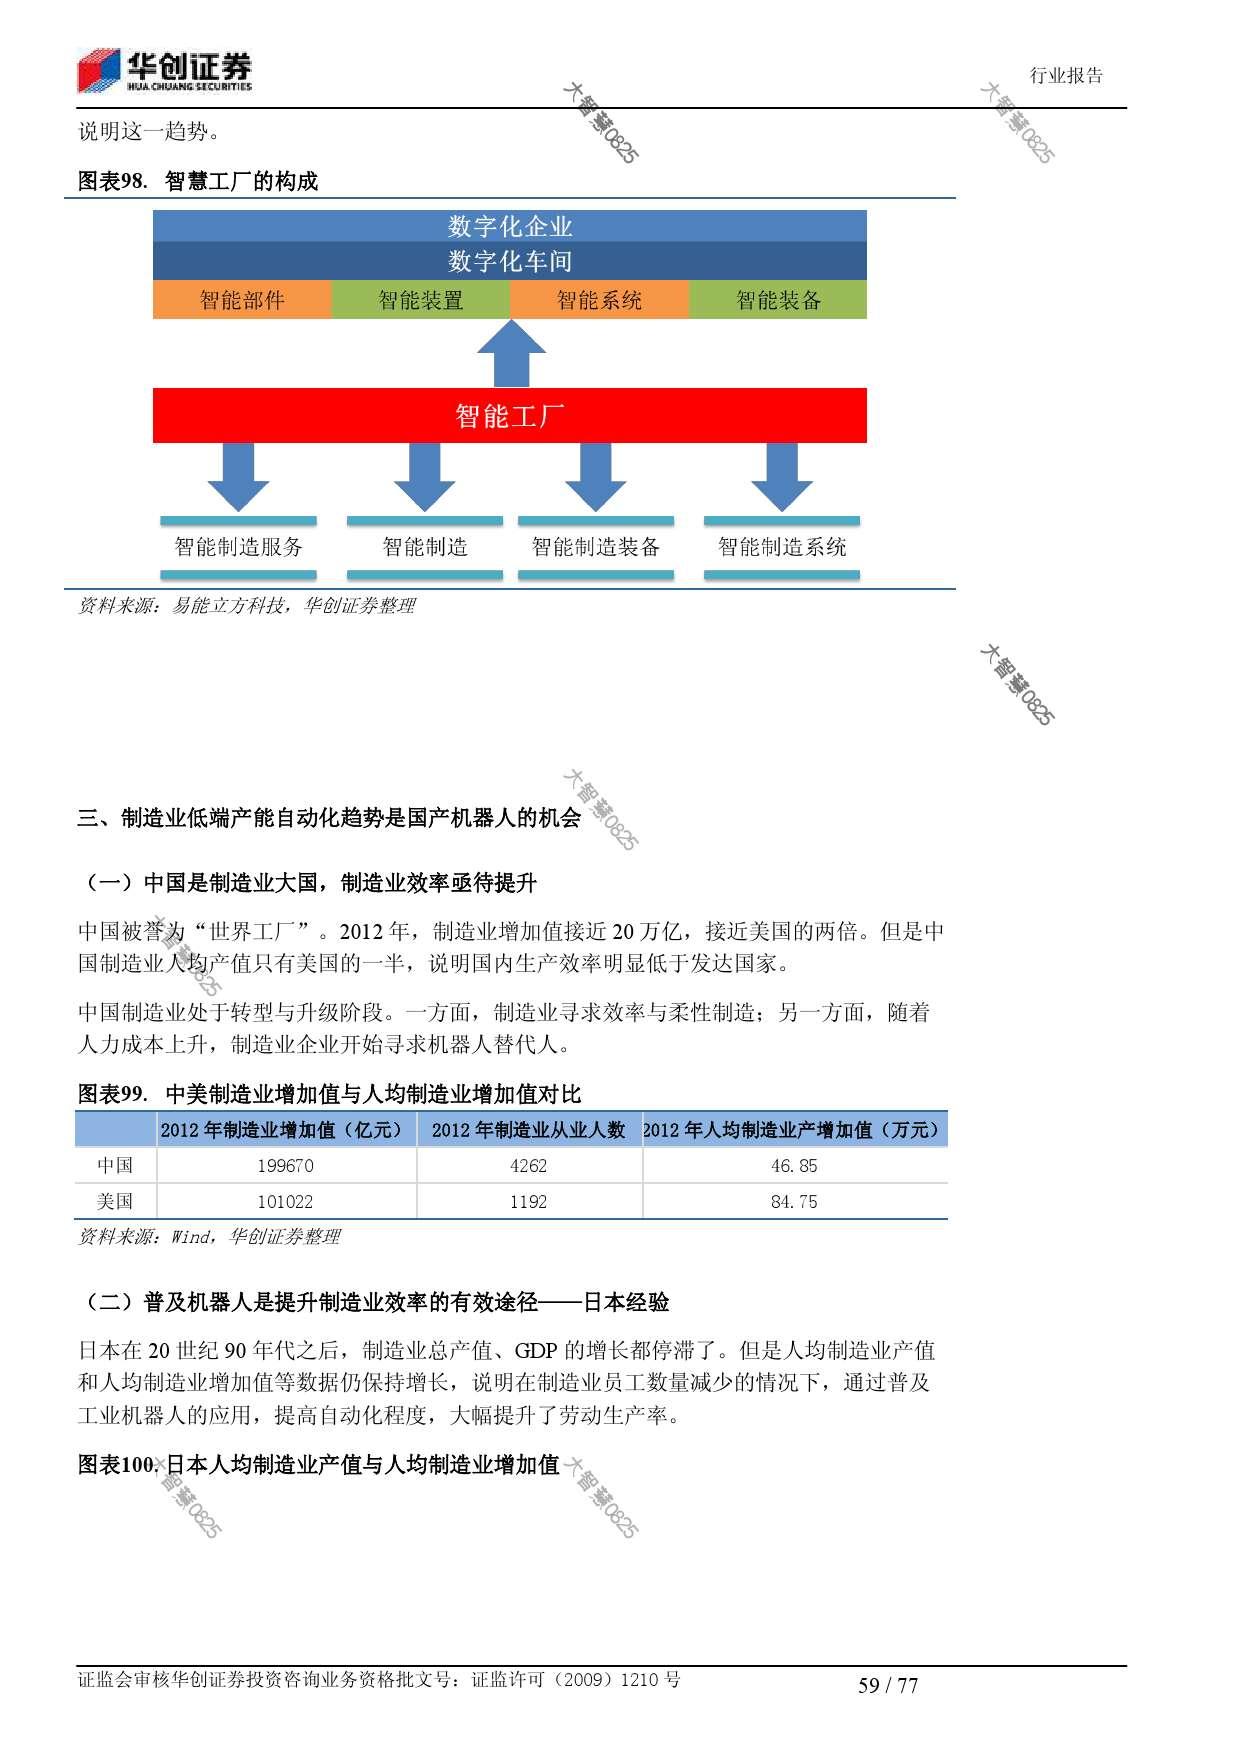 行业研究_华创证券_刘国清,鲁佩_机械设备:机器人大趋势_2014021_000059